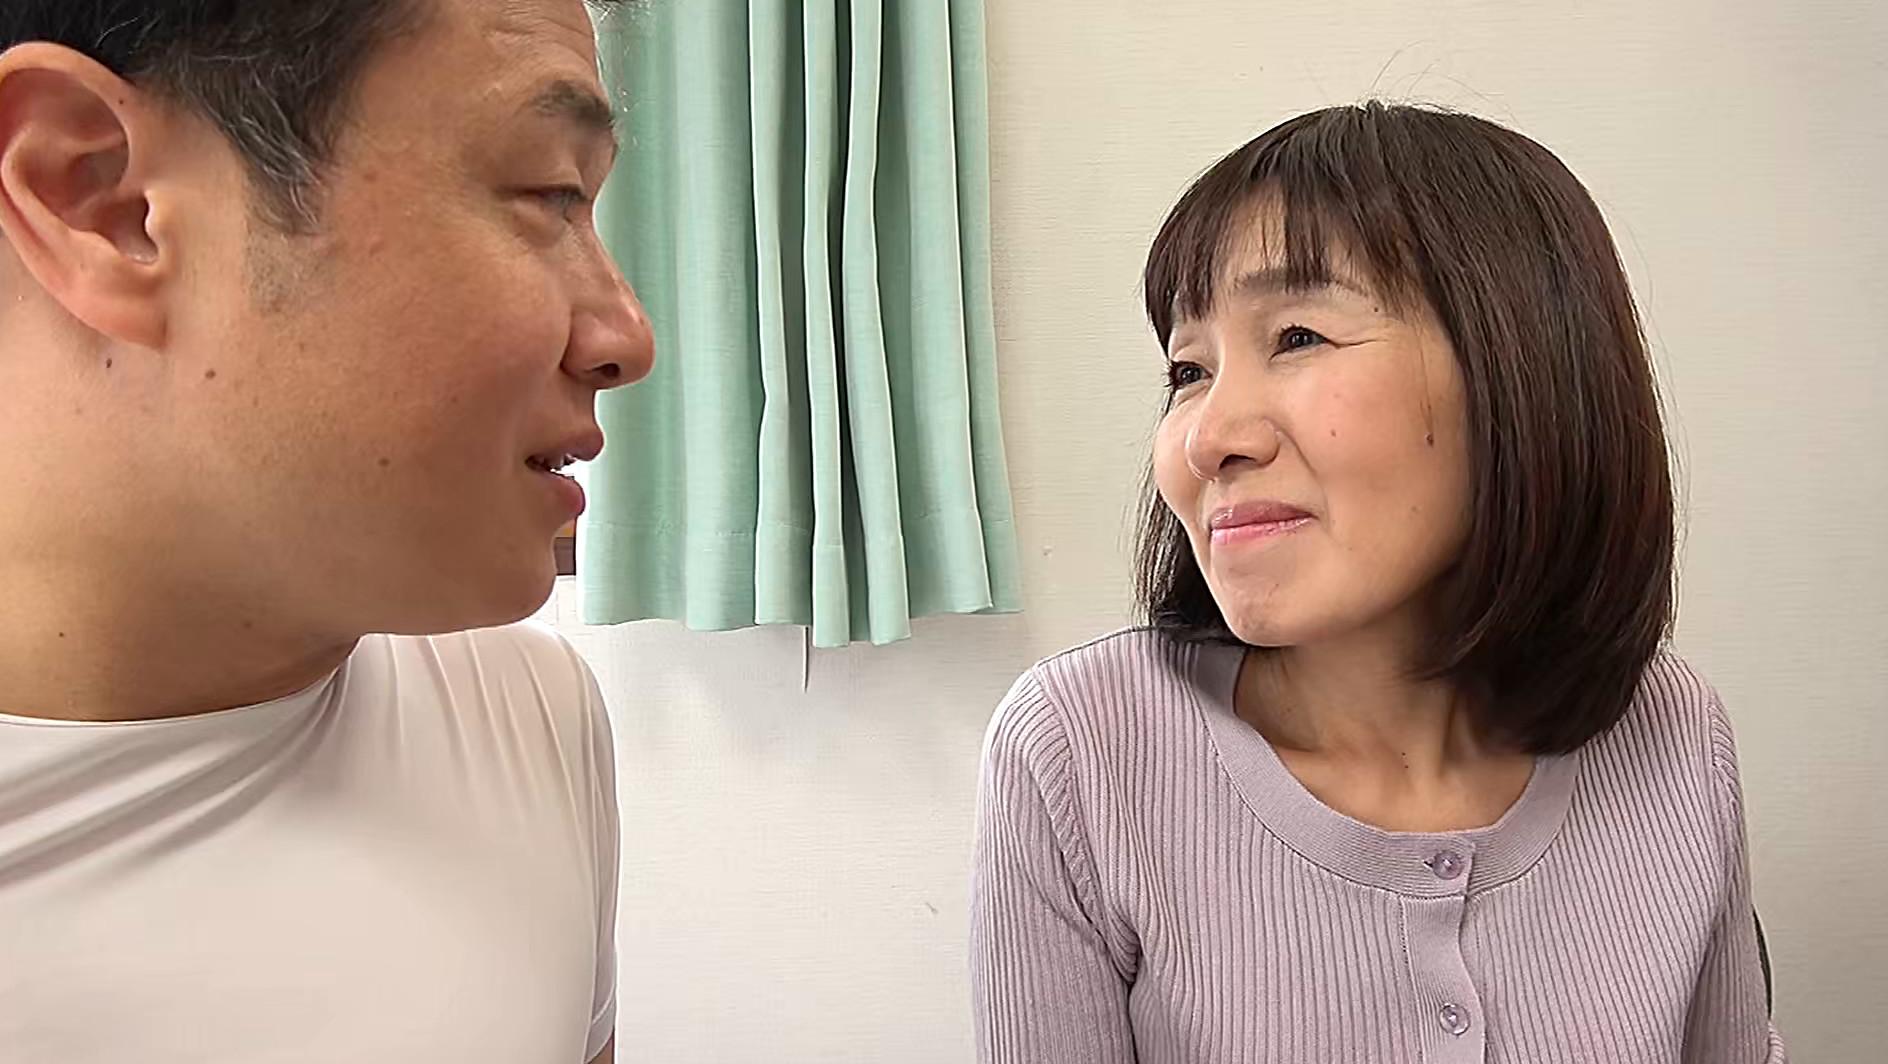 熟女 交尾ドラマ全集 アテナ秘宝館 10人4時間 画像21